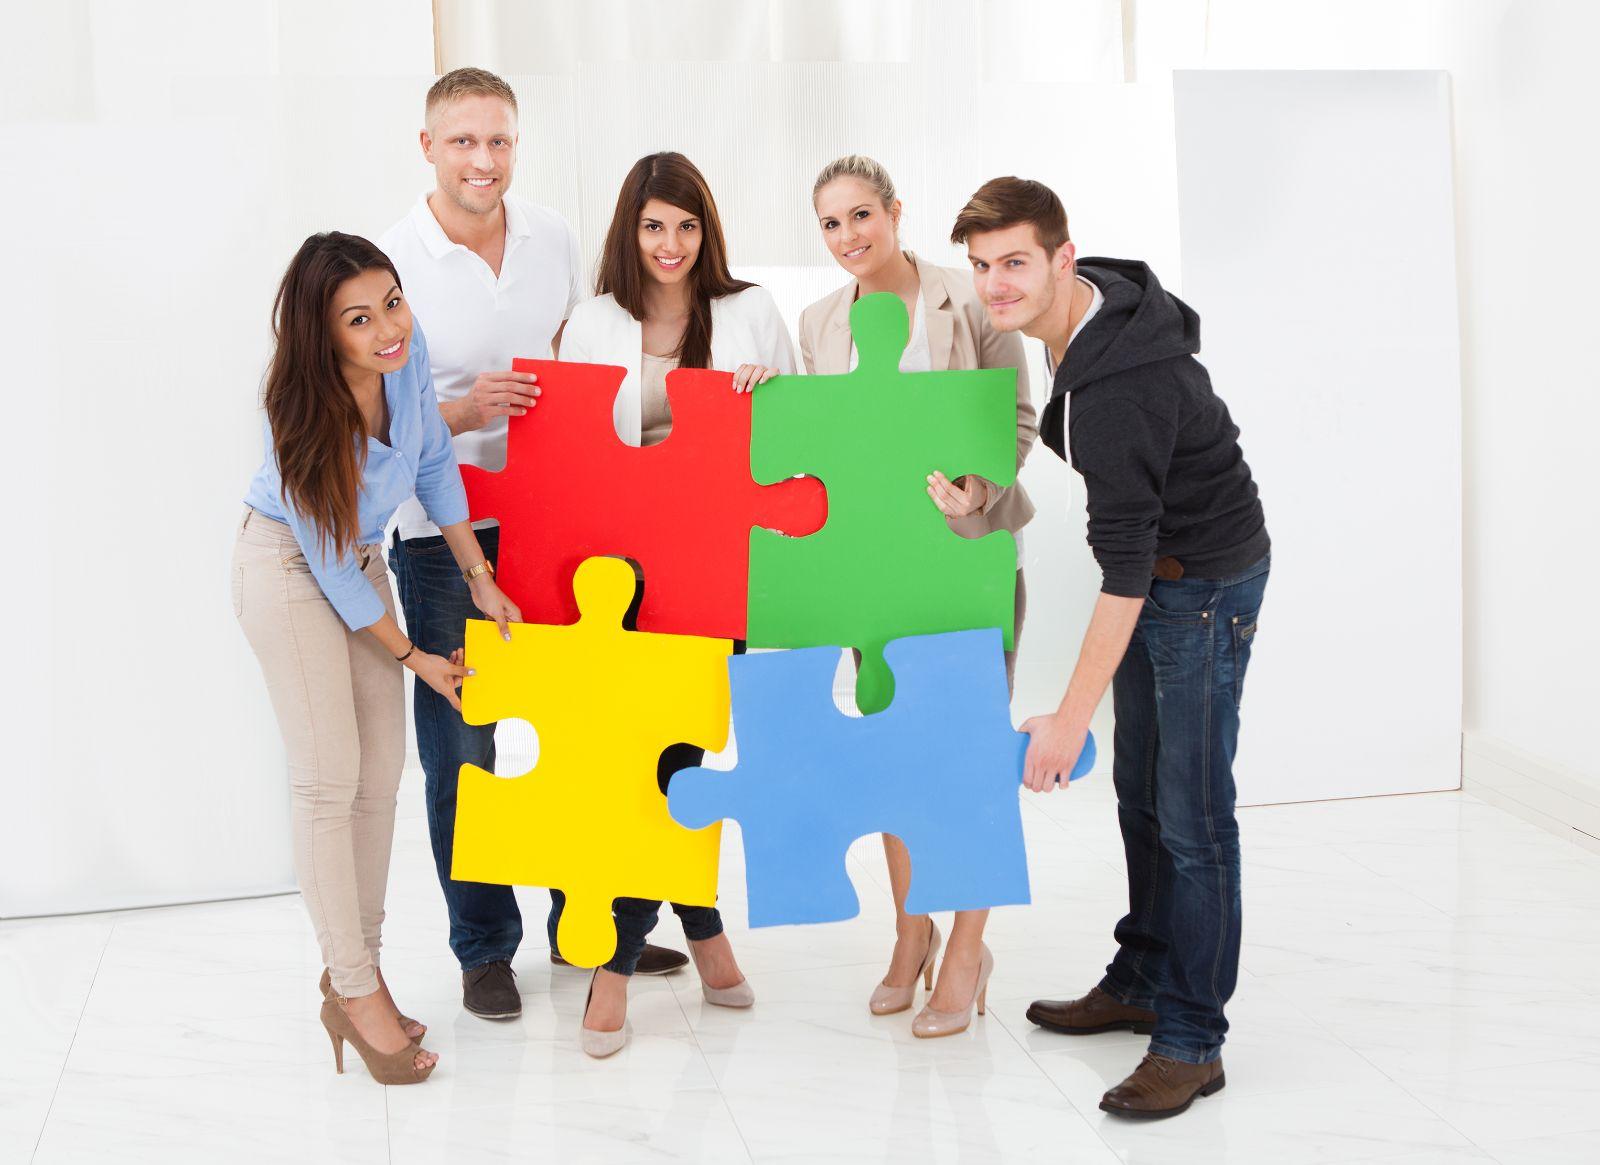 Cinco personas de pie uniendo cuatro piezas de un rompecabezas